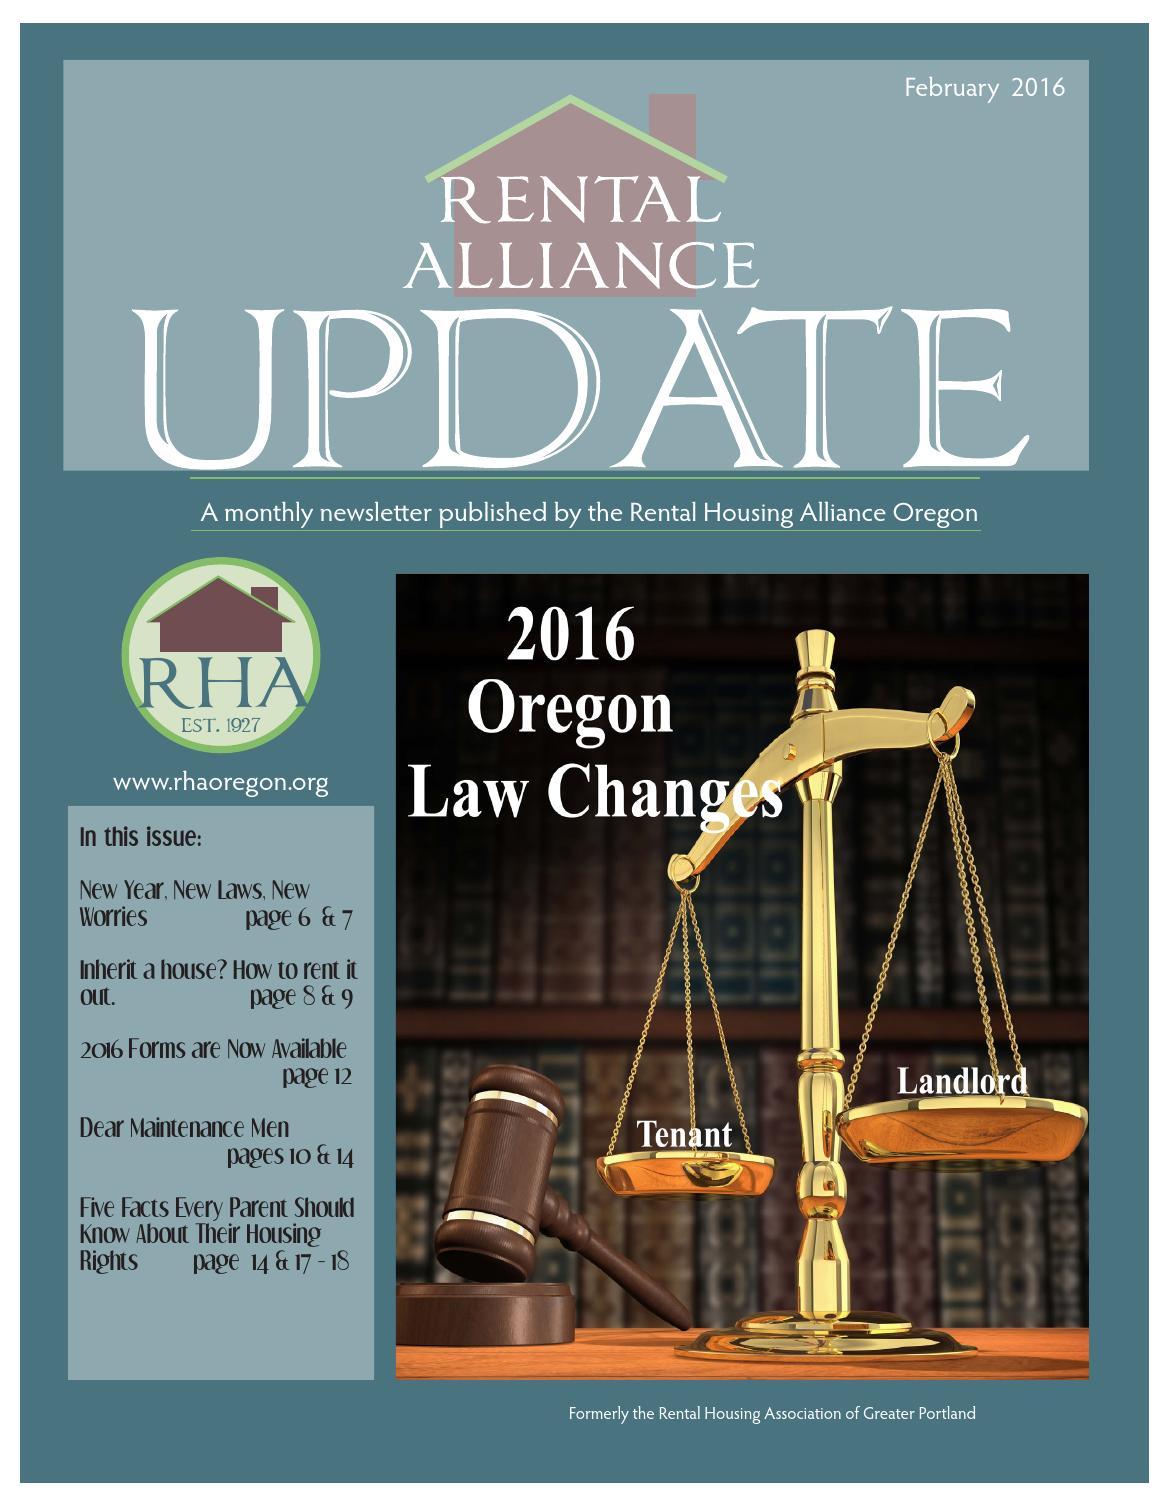 FEBRUARY 2016 RHA UPDATE NEWSLETTER by Cari Pierce - issuu